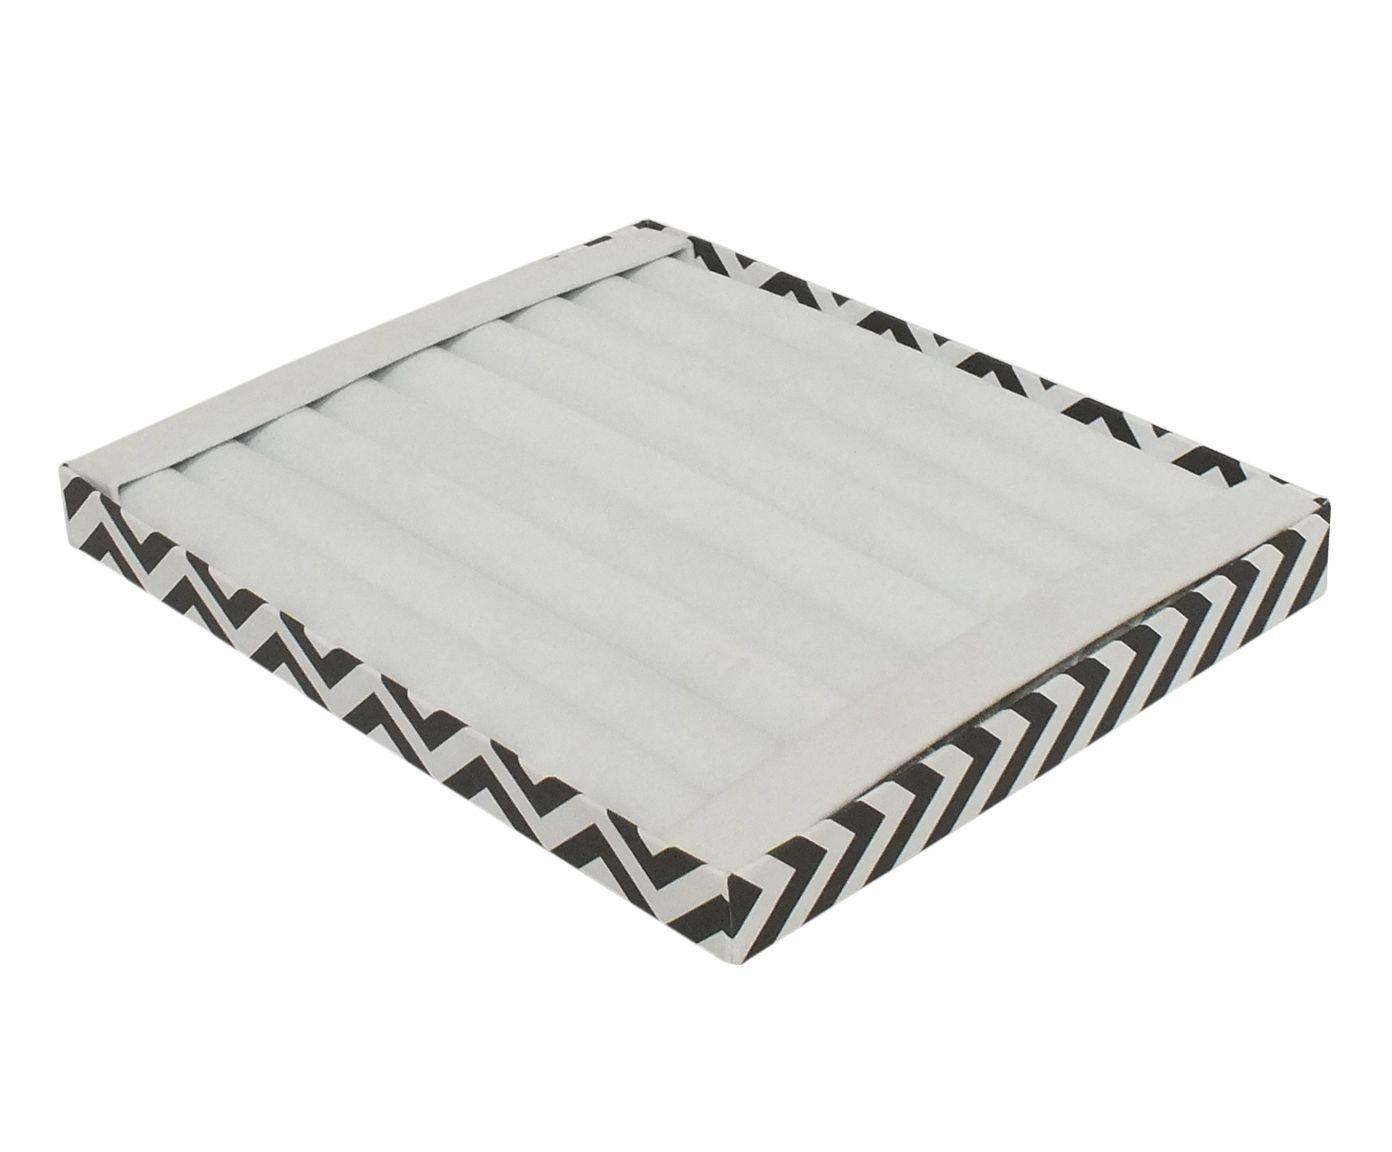 Bandeja Organizadora para Anéis Renan Branca - 31X3,5X26cm | Westwing.com.br